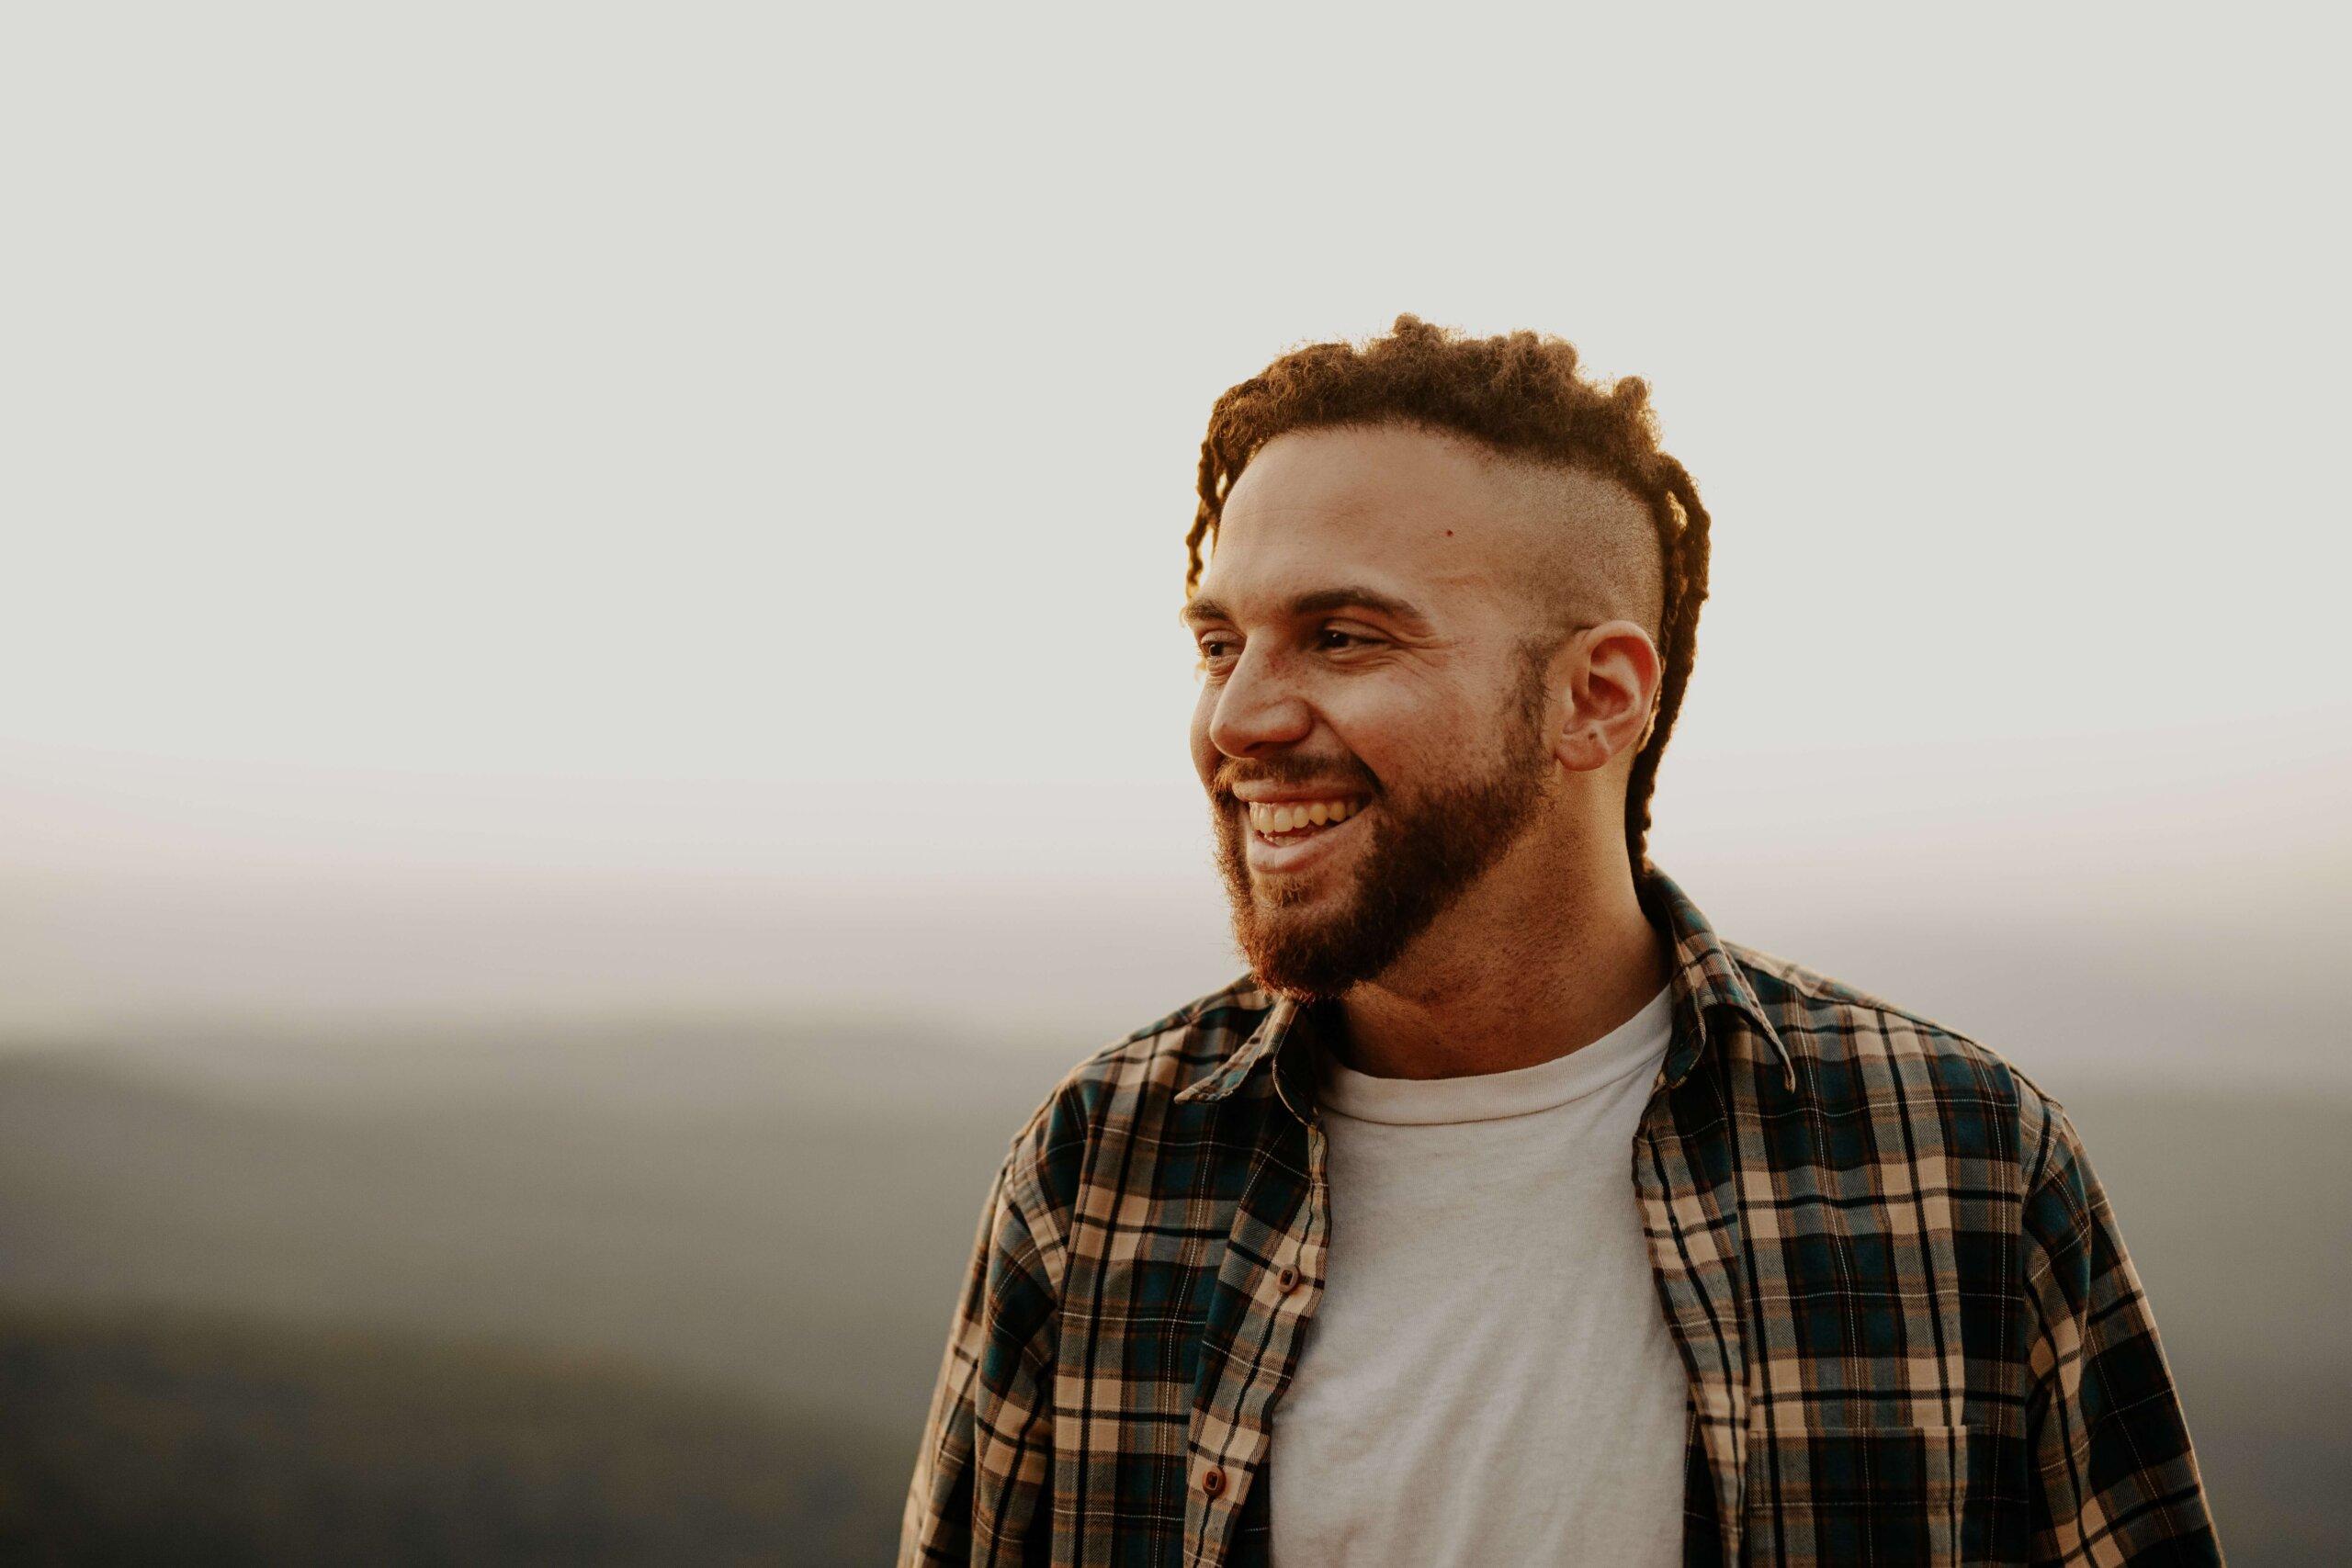 【30代】男性のお見合い写真におすすめの髪型は?女性に人気な髪型を紹介